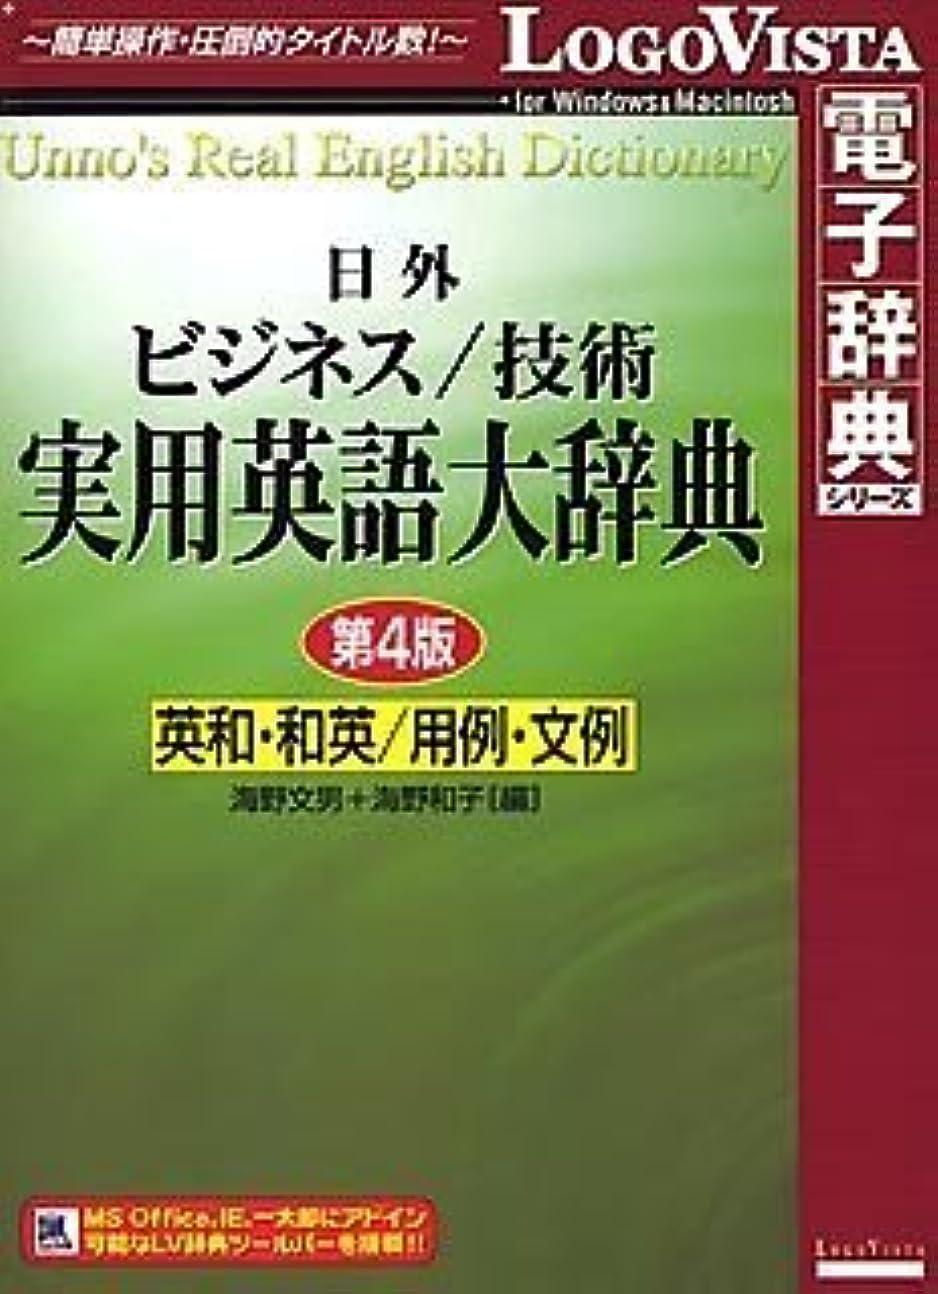 幸運なことにランタンレタッチ日外ビジネス/技術実用英語大辞典 第4版